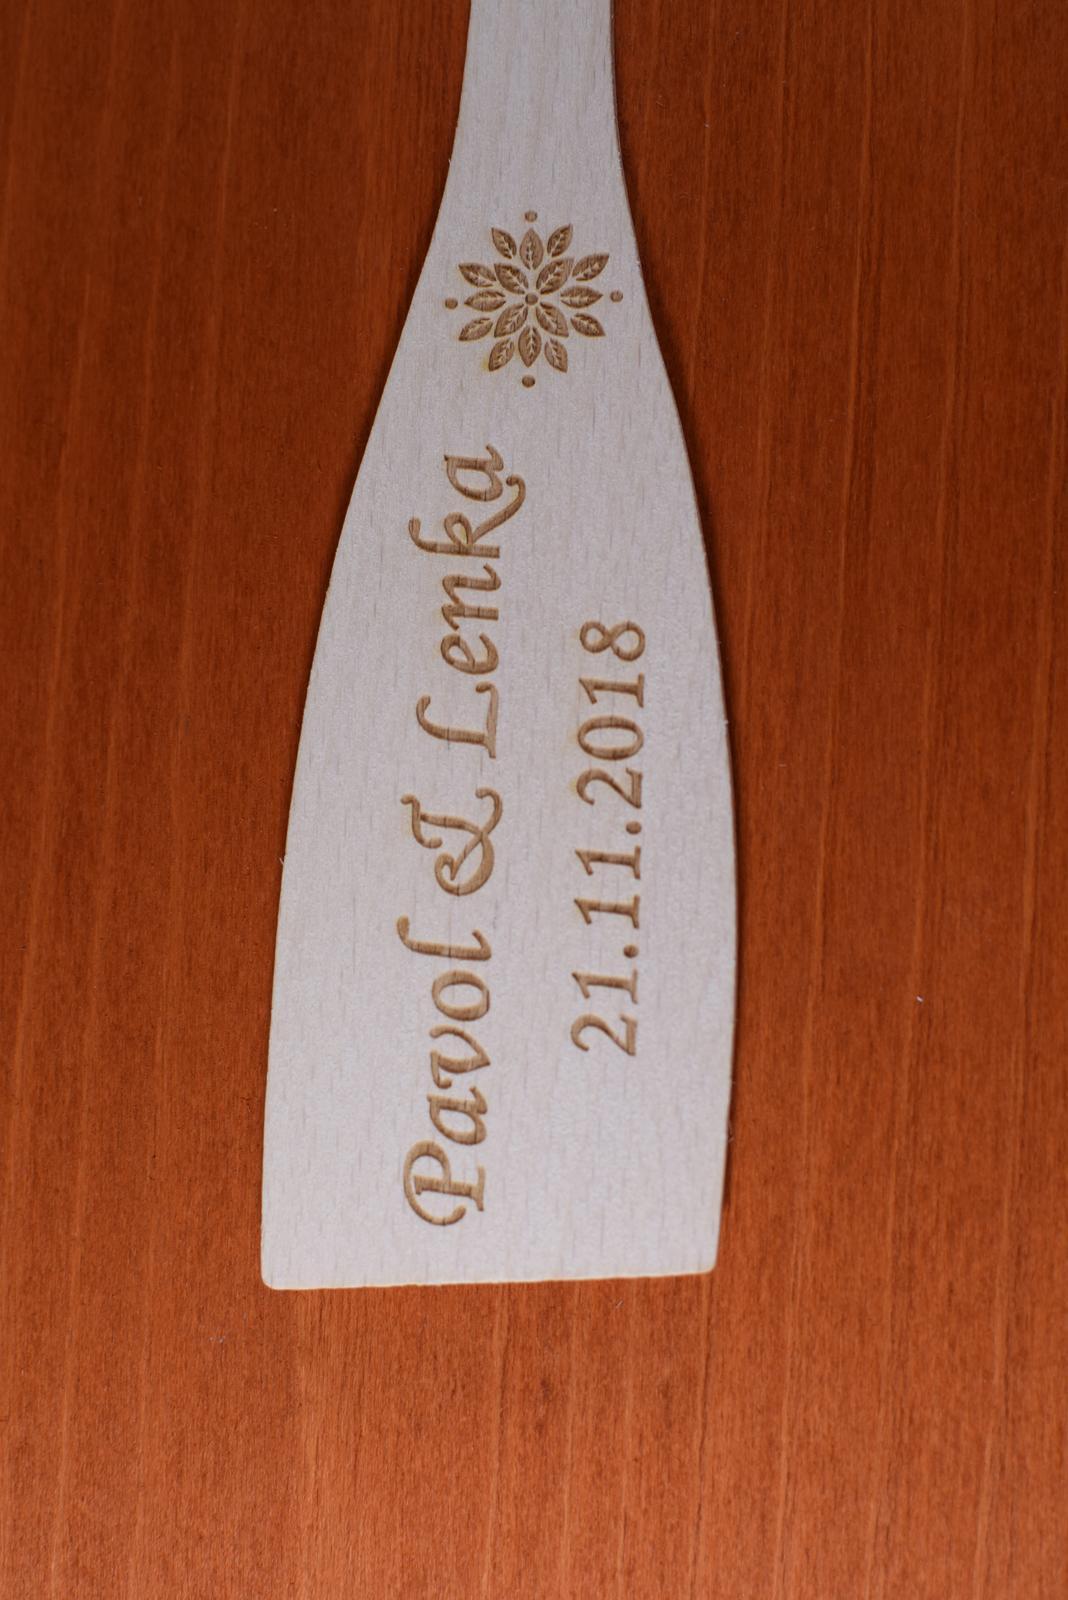 Vareška drevená gravírovaná darček svadobčanom 4 - Obrázok č. 1